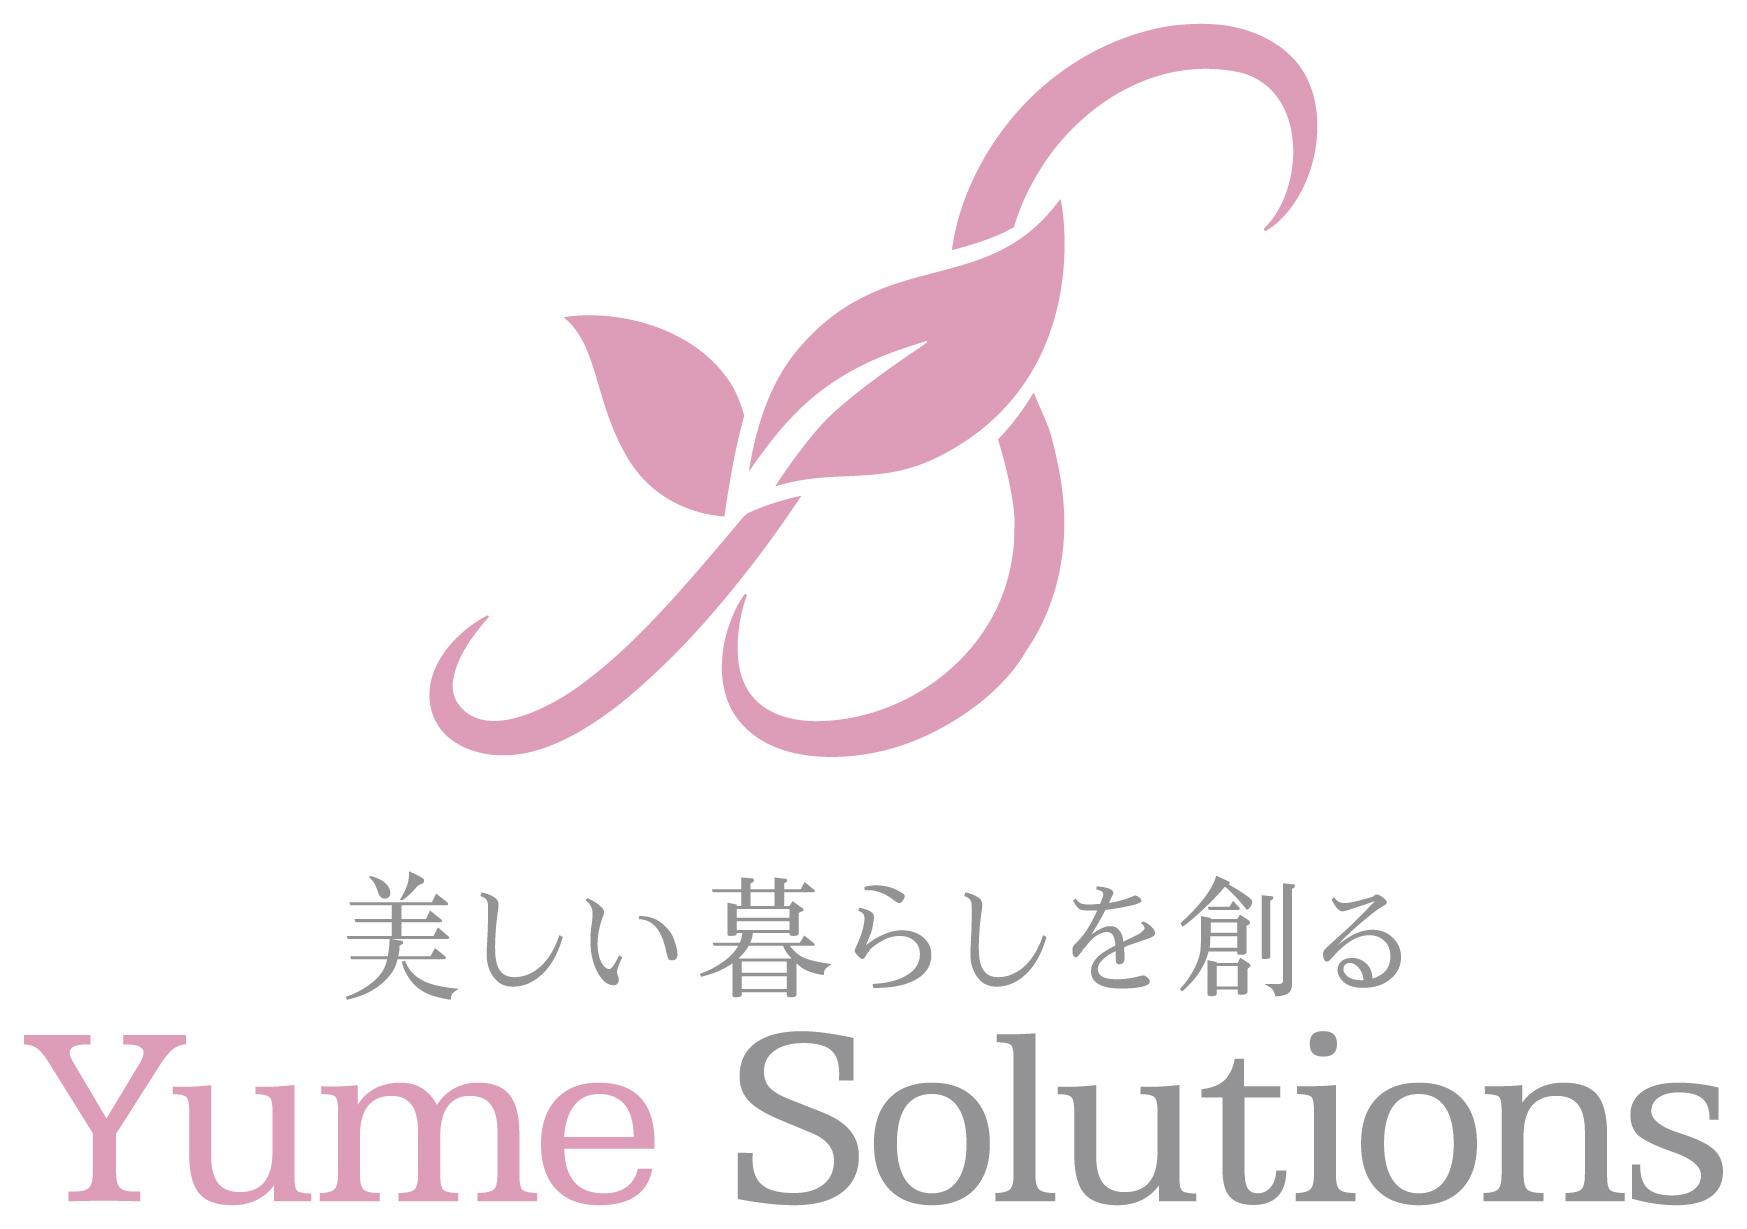 不動産業と綺麗/ 華やかとピンクのロゴ